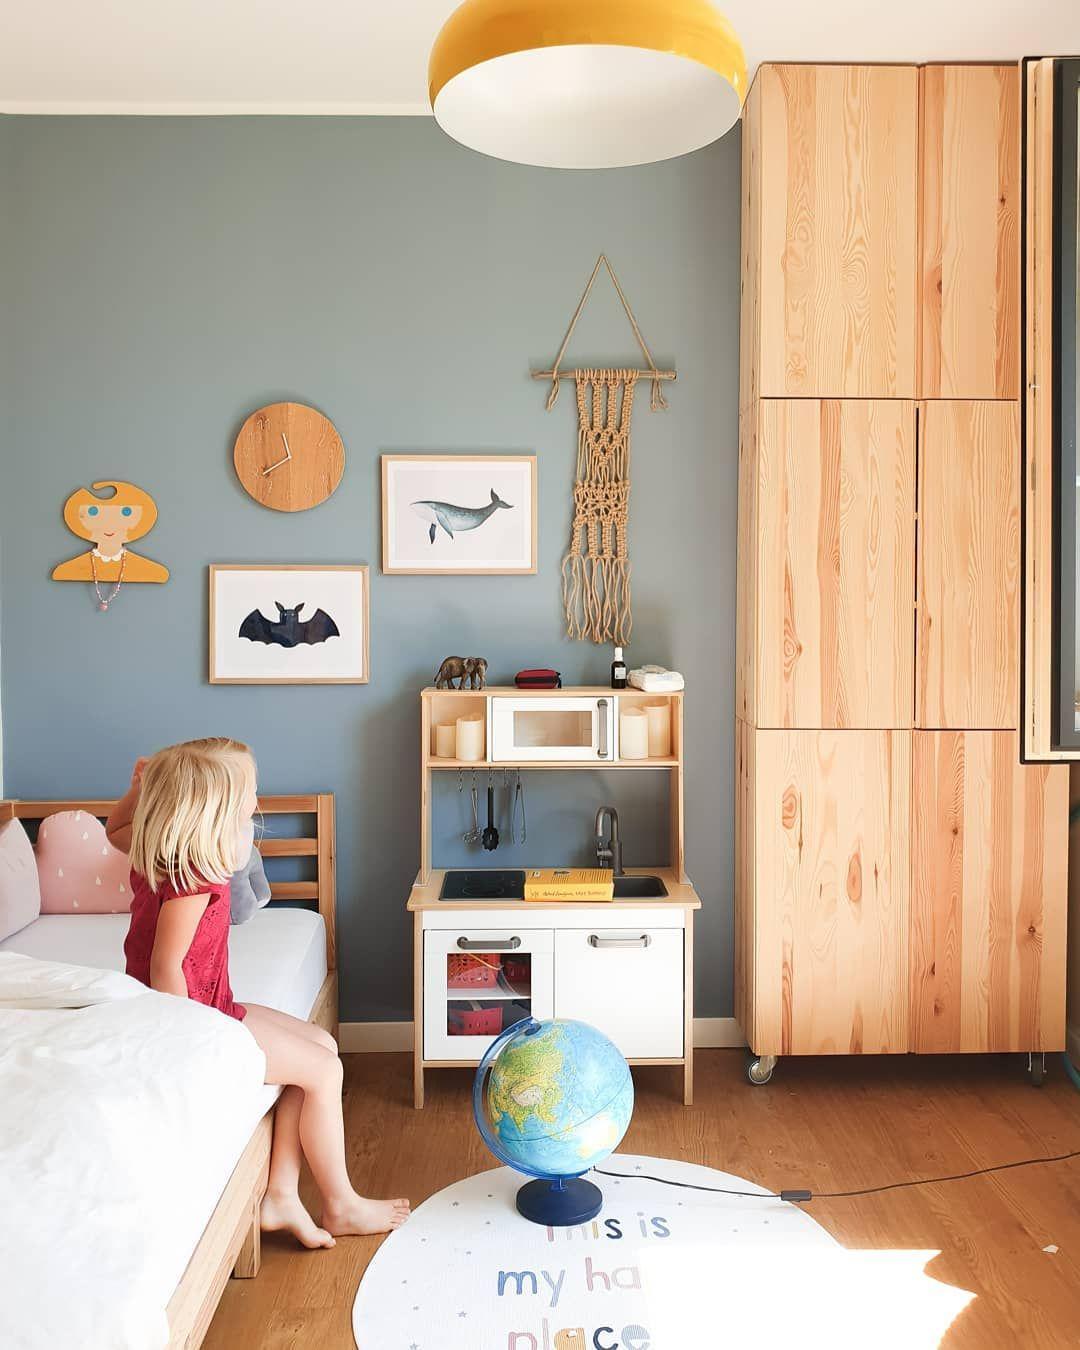 Pin von Dóra Szabó Kis auf Dream home kids room nursery